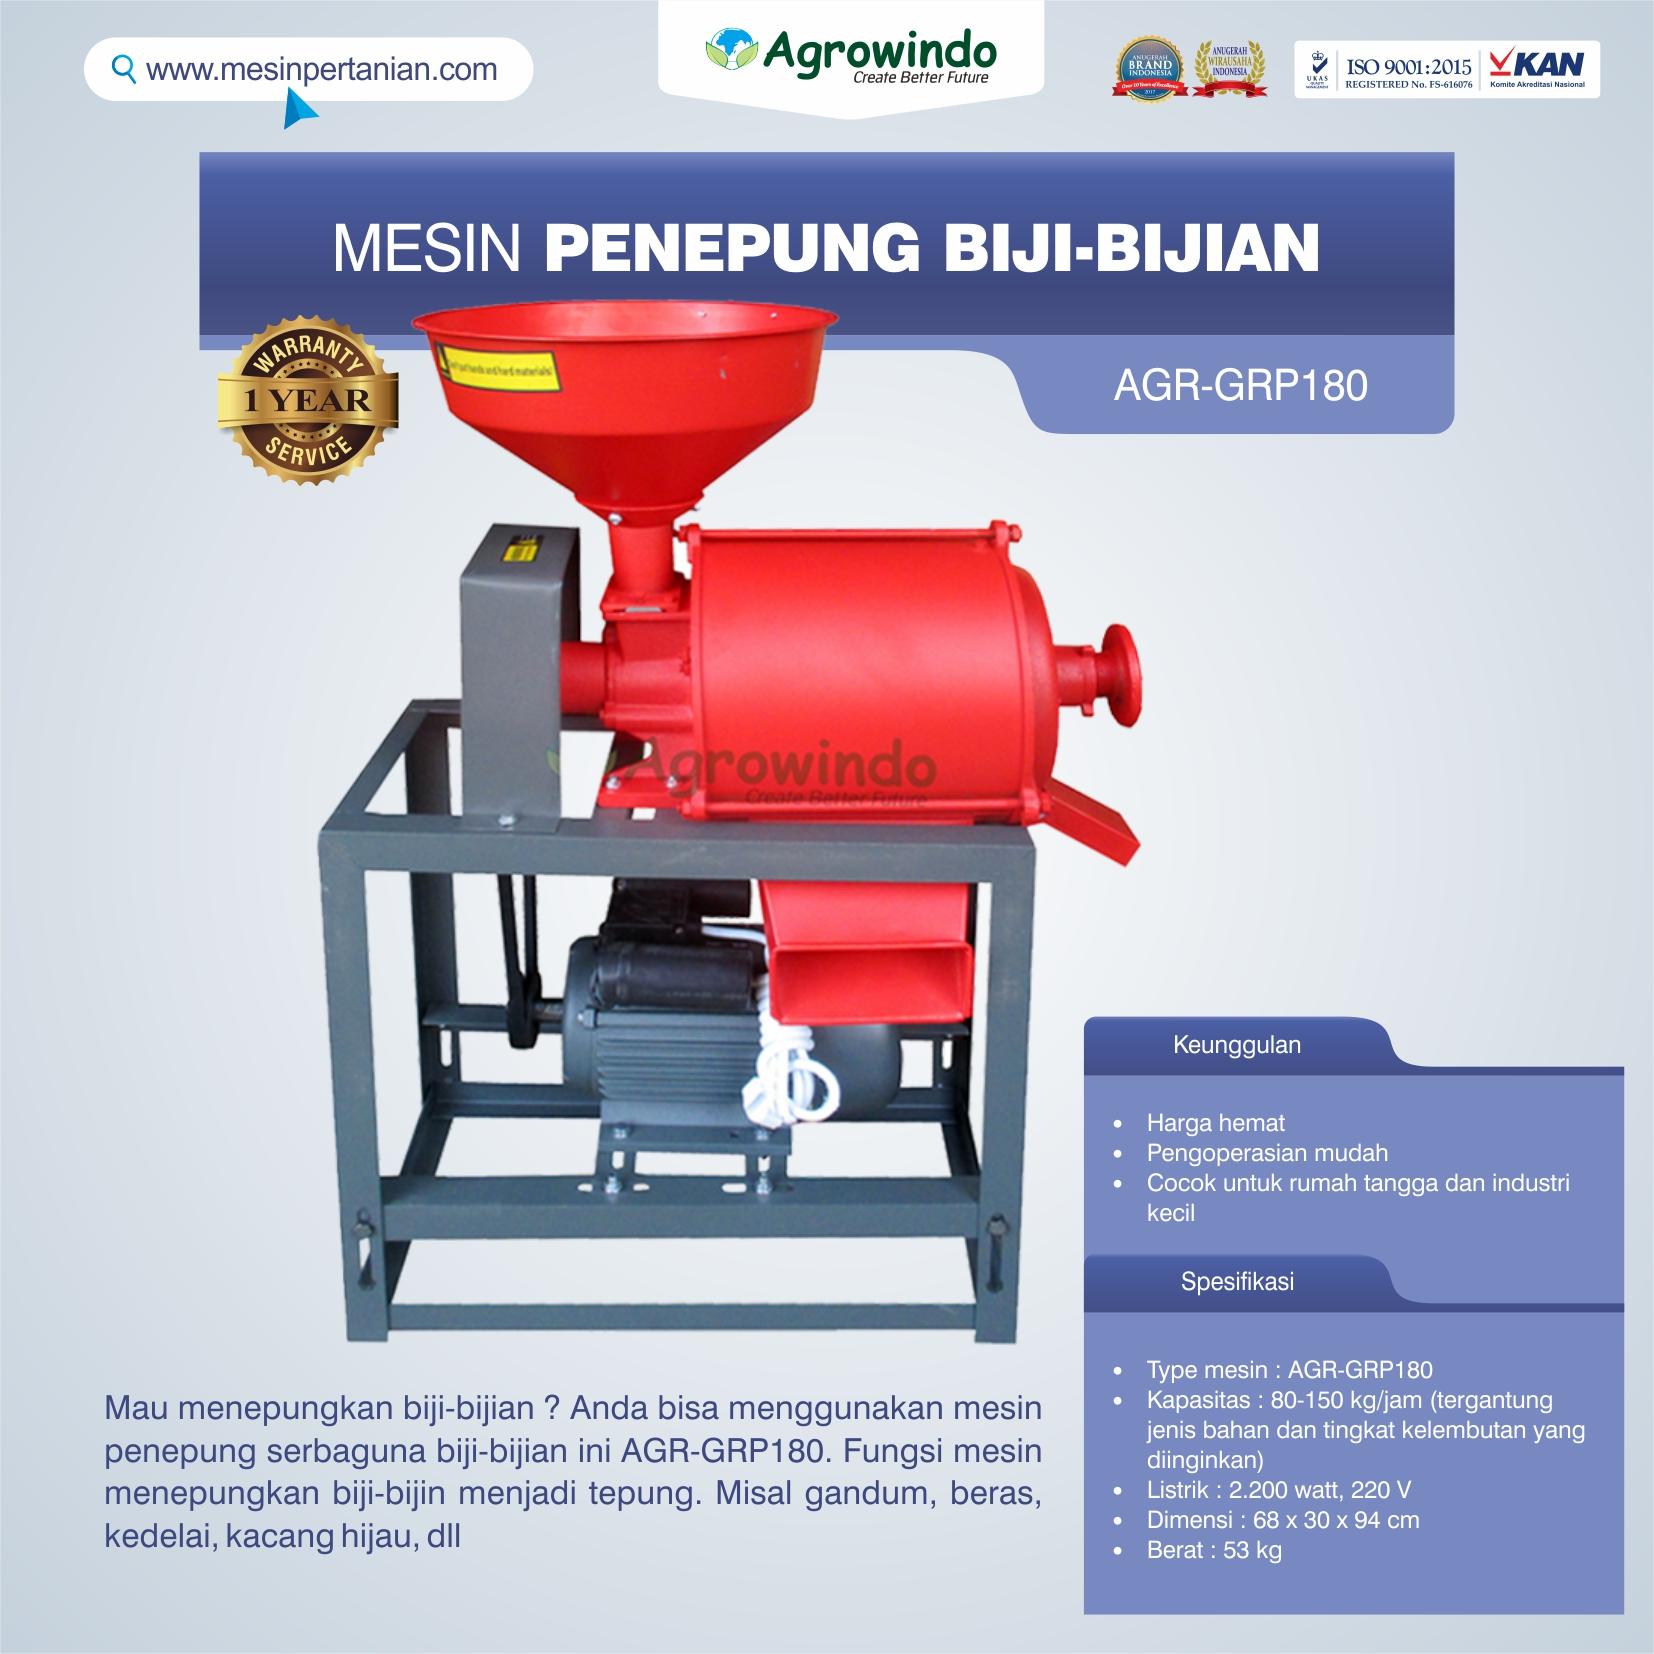 Jual Mesin Penepung Biji-Bijian GRP180 di Makassar